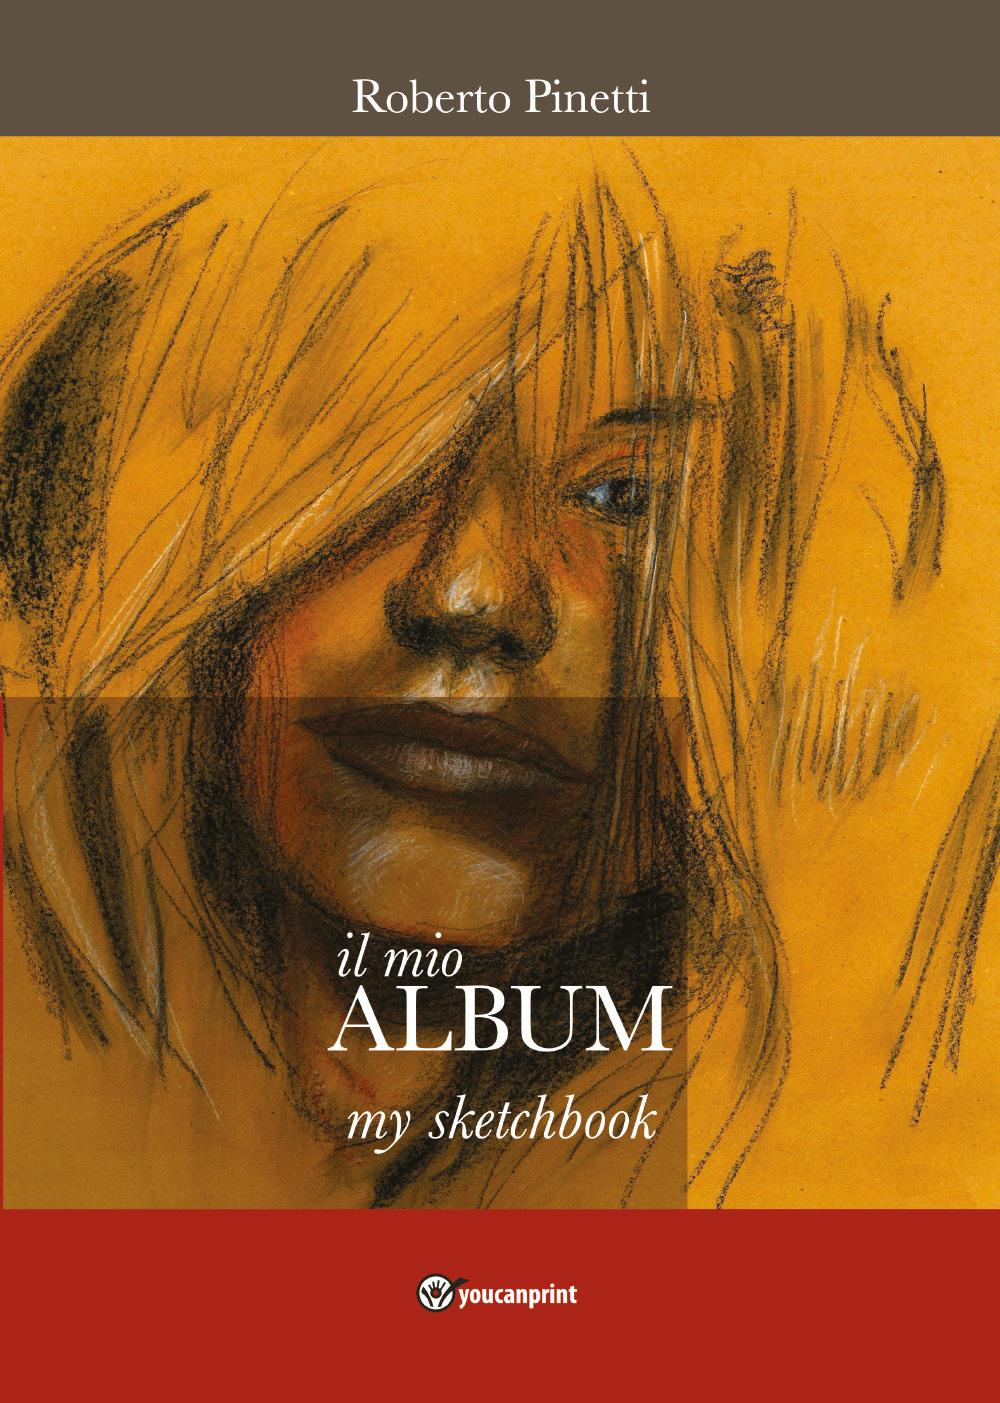 il mio ALBUM - my Sketchbook